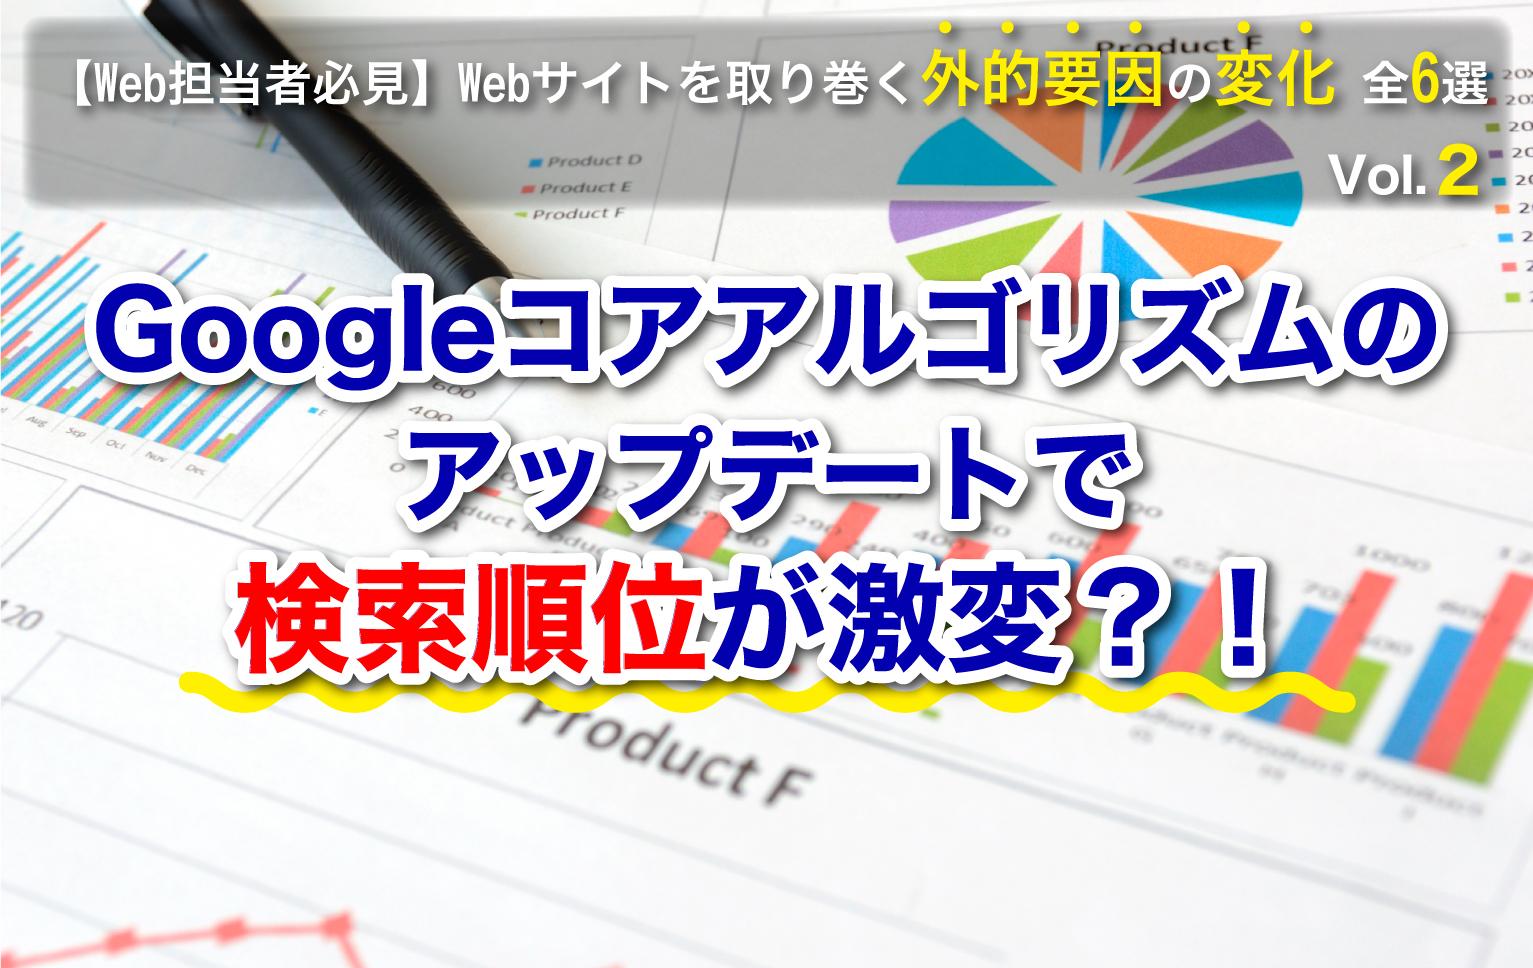 Googleコアアルゴリズムのアップデートで検索順位が激変?!